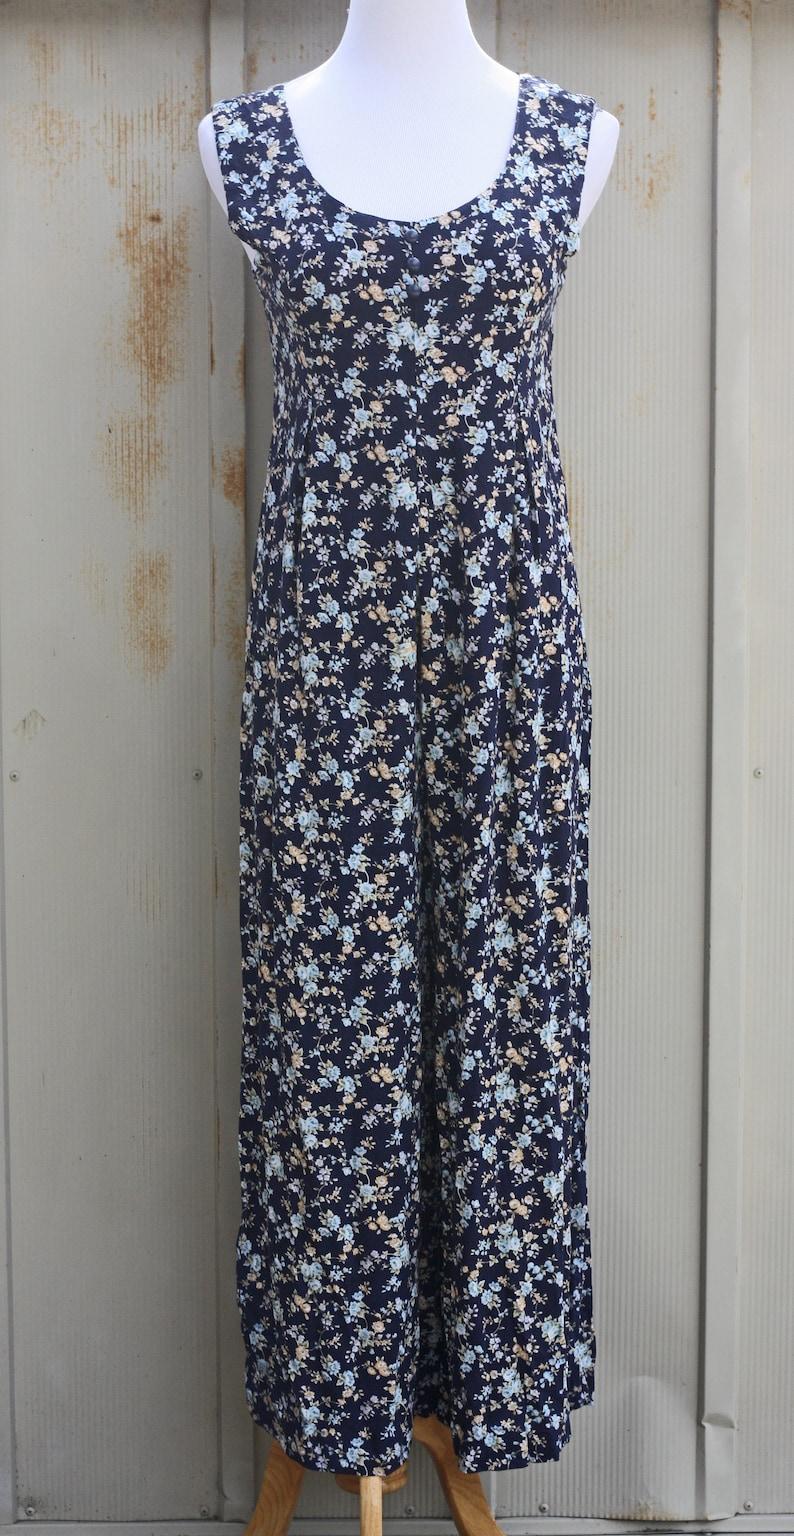 7c6e71c5e1 Blue Floral Romper 90s Grunge Maxi Dress Vintage Pantsuit